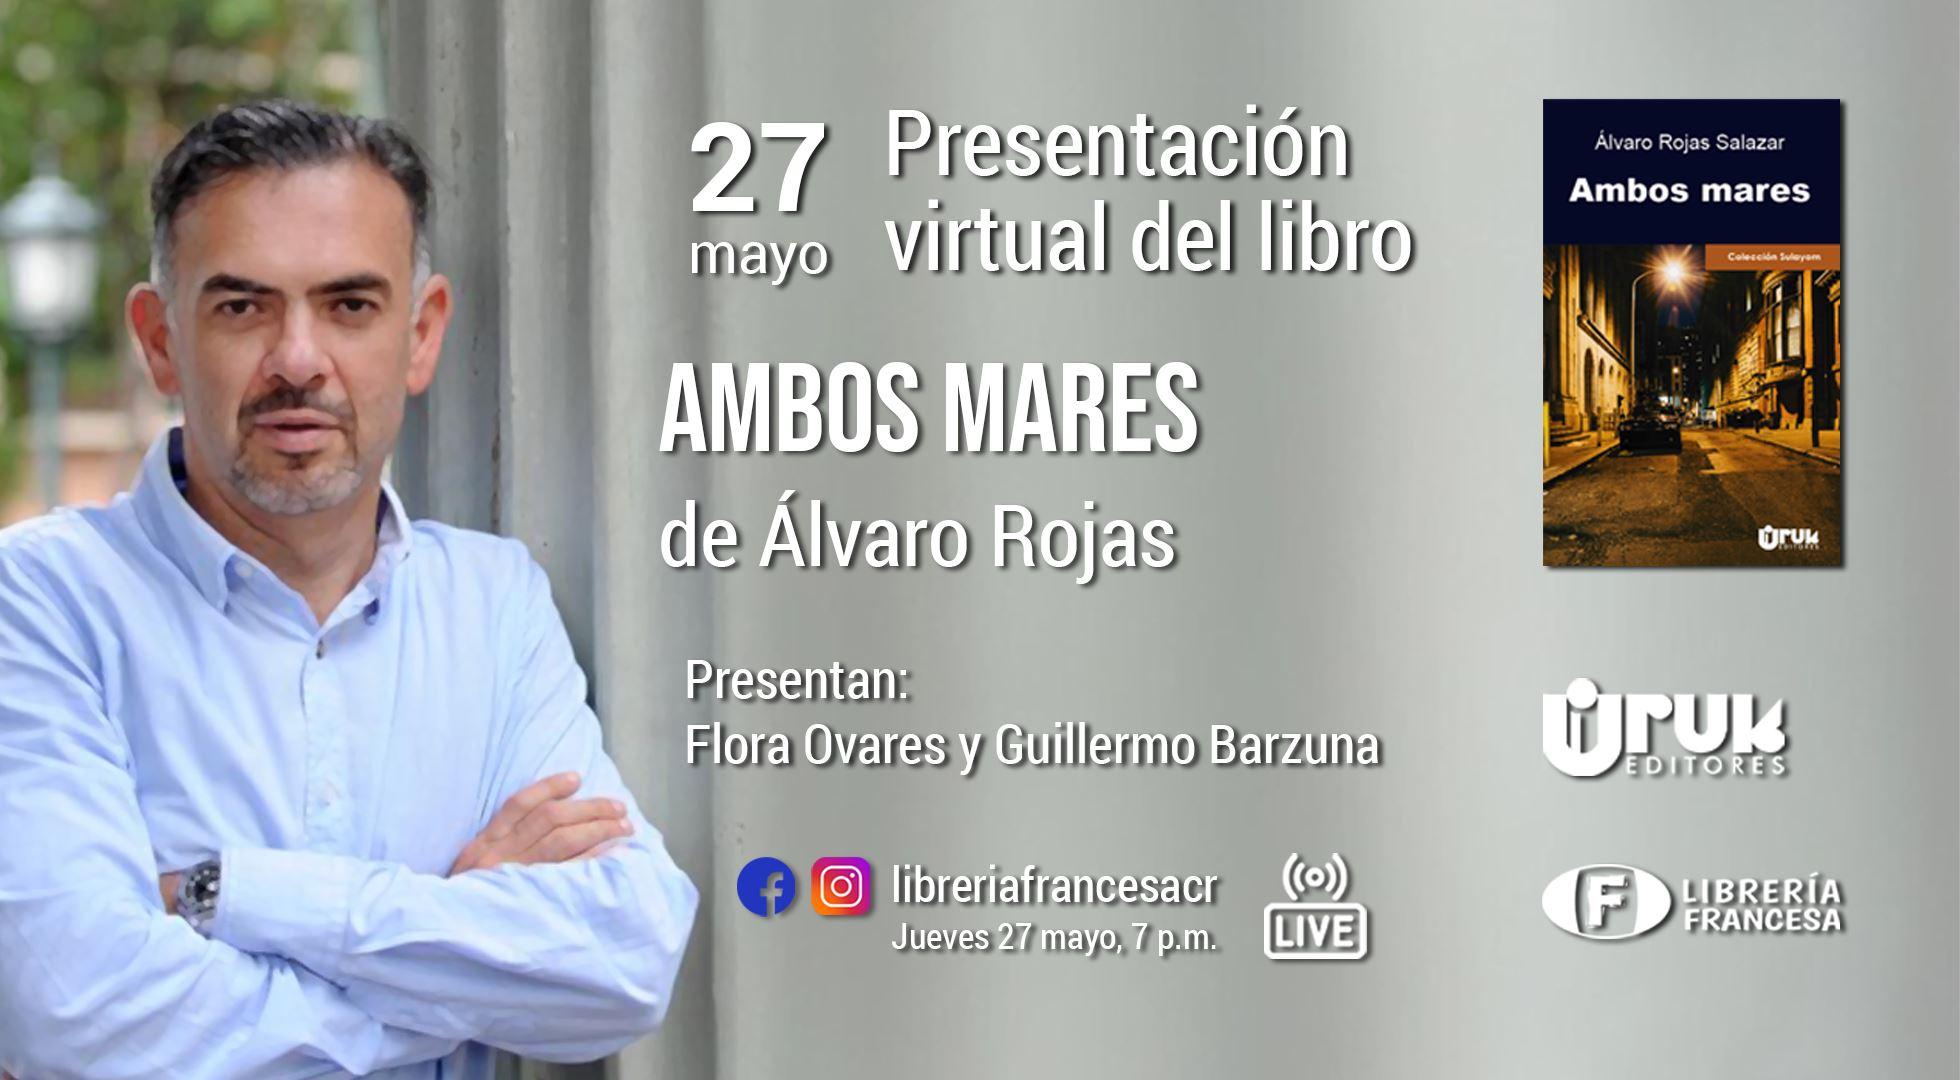 Presentación del libro 'Ambos mares' de Álvaro Rojas